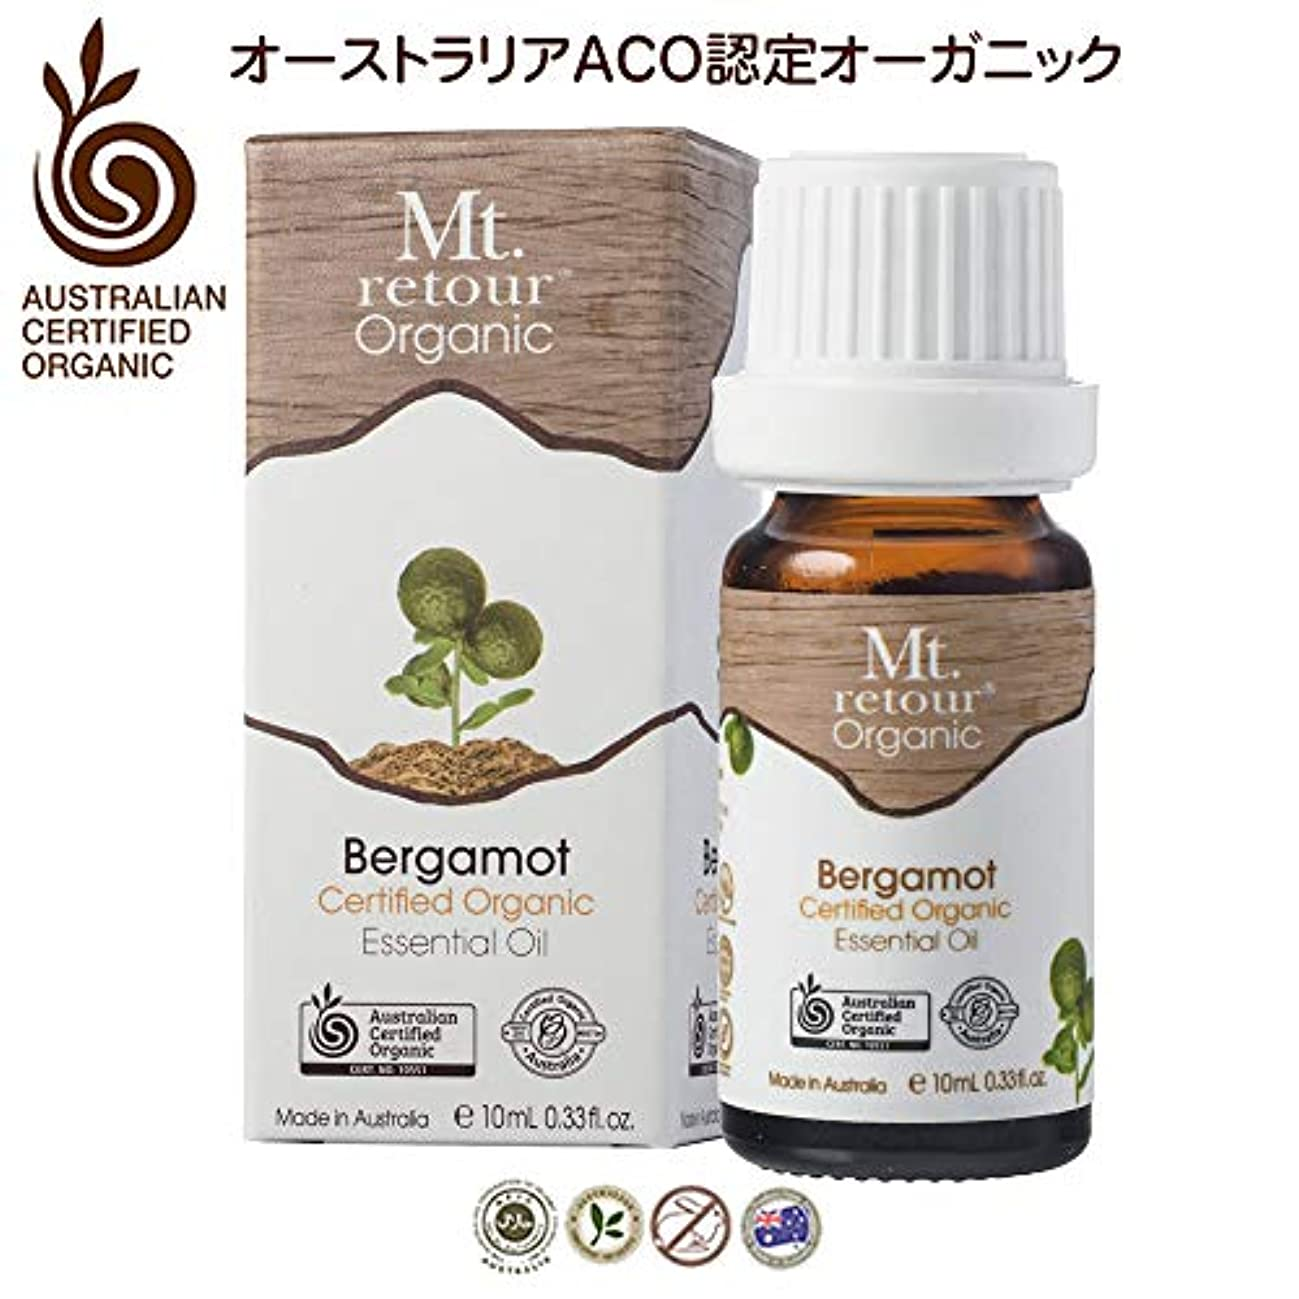 取得甘くする書誌Mt. retour ACO認定オーガニック ベルガモット 10ml エッセンシャルオイル(無農薬有機)アロマ